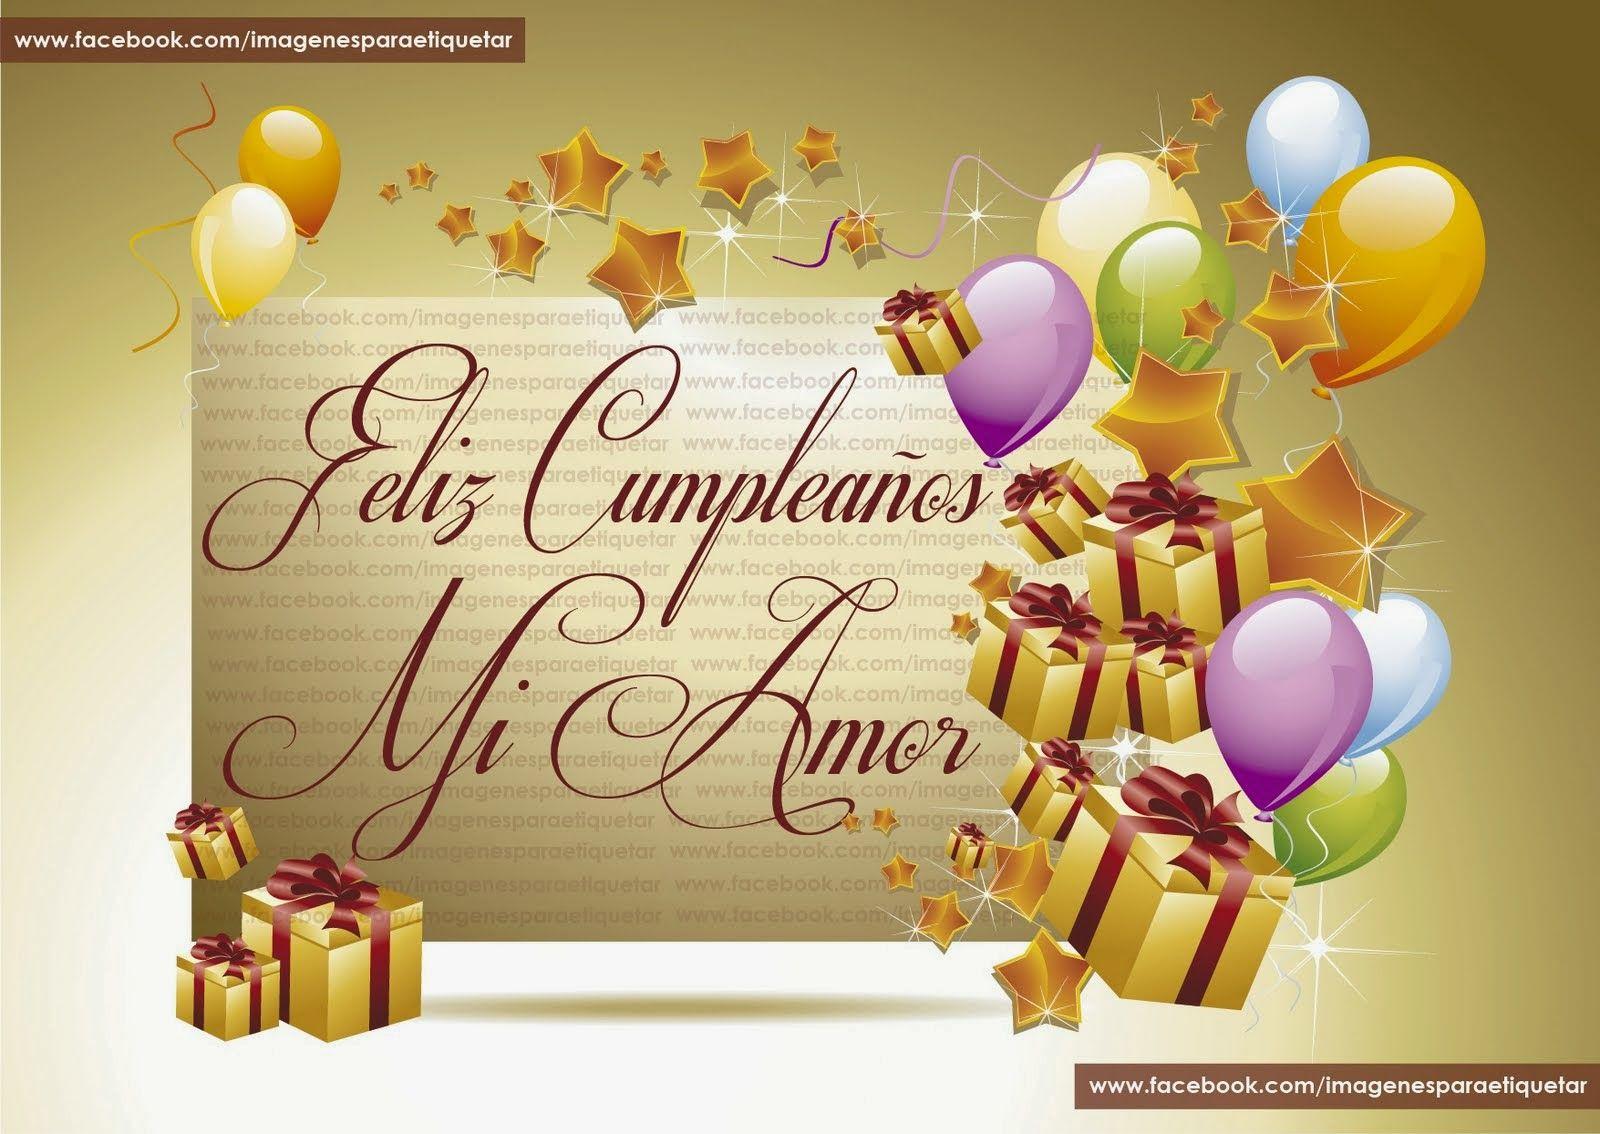 Nuevas Tarjetas Imágenes De Cumpleaños Amor Para Hombre Imágenes Feliz Cumpleaños Sobrino Feliz Cumpleaños Sobrino Imagenes Feliz Cumpleaños Papa Frases